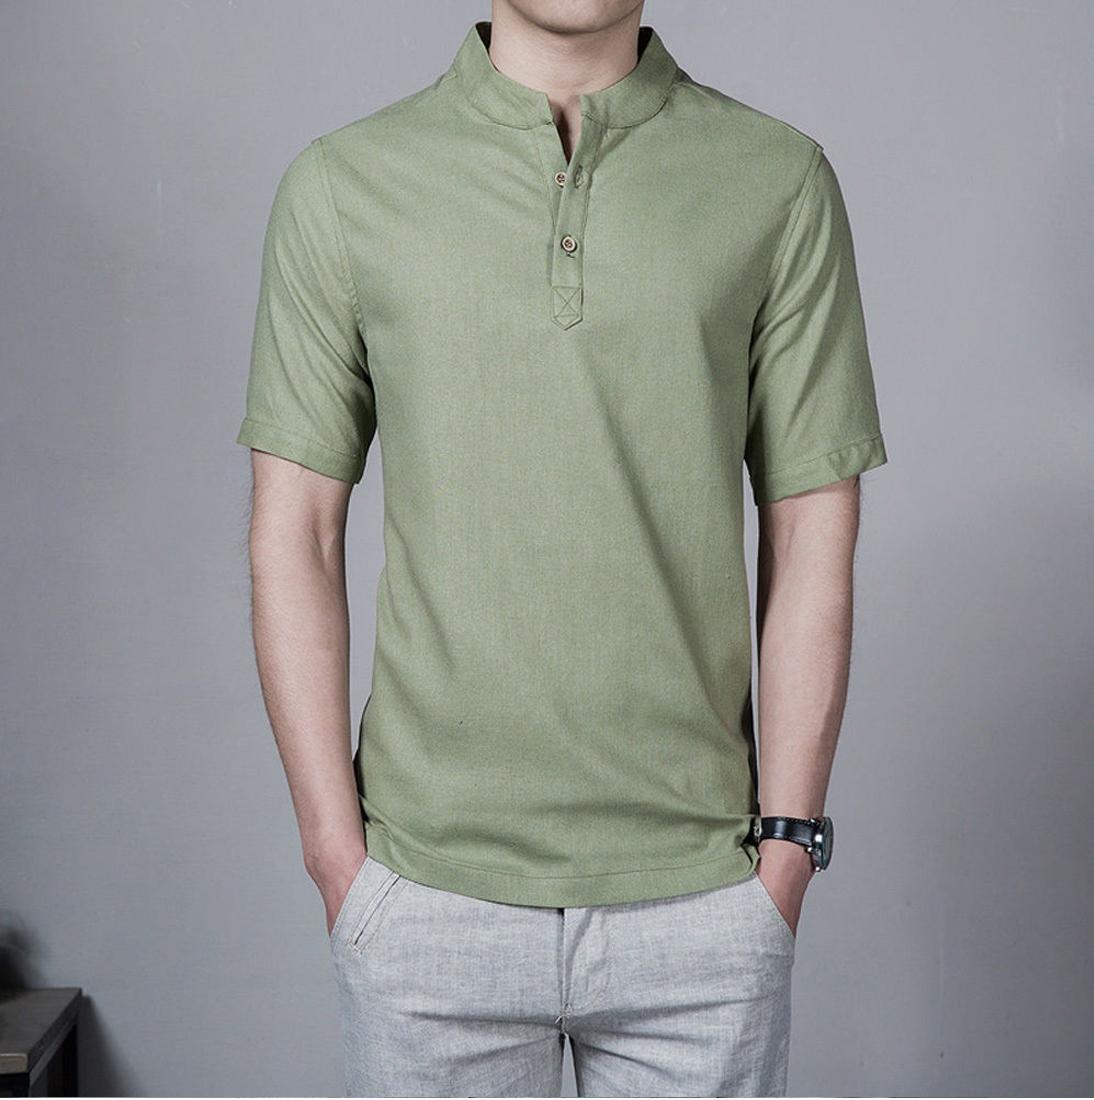 Baju koko Lazuardi bermerek Tangan Pendek Warna Hijau Army Distro Bandung Fashion Pria Keren Terbaru Nyaman di Pakai Simple Eleghan Tersedia 8 warna DISKON